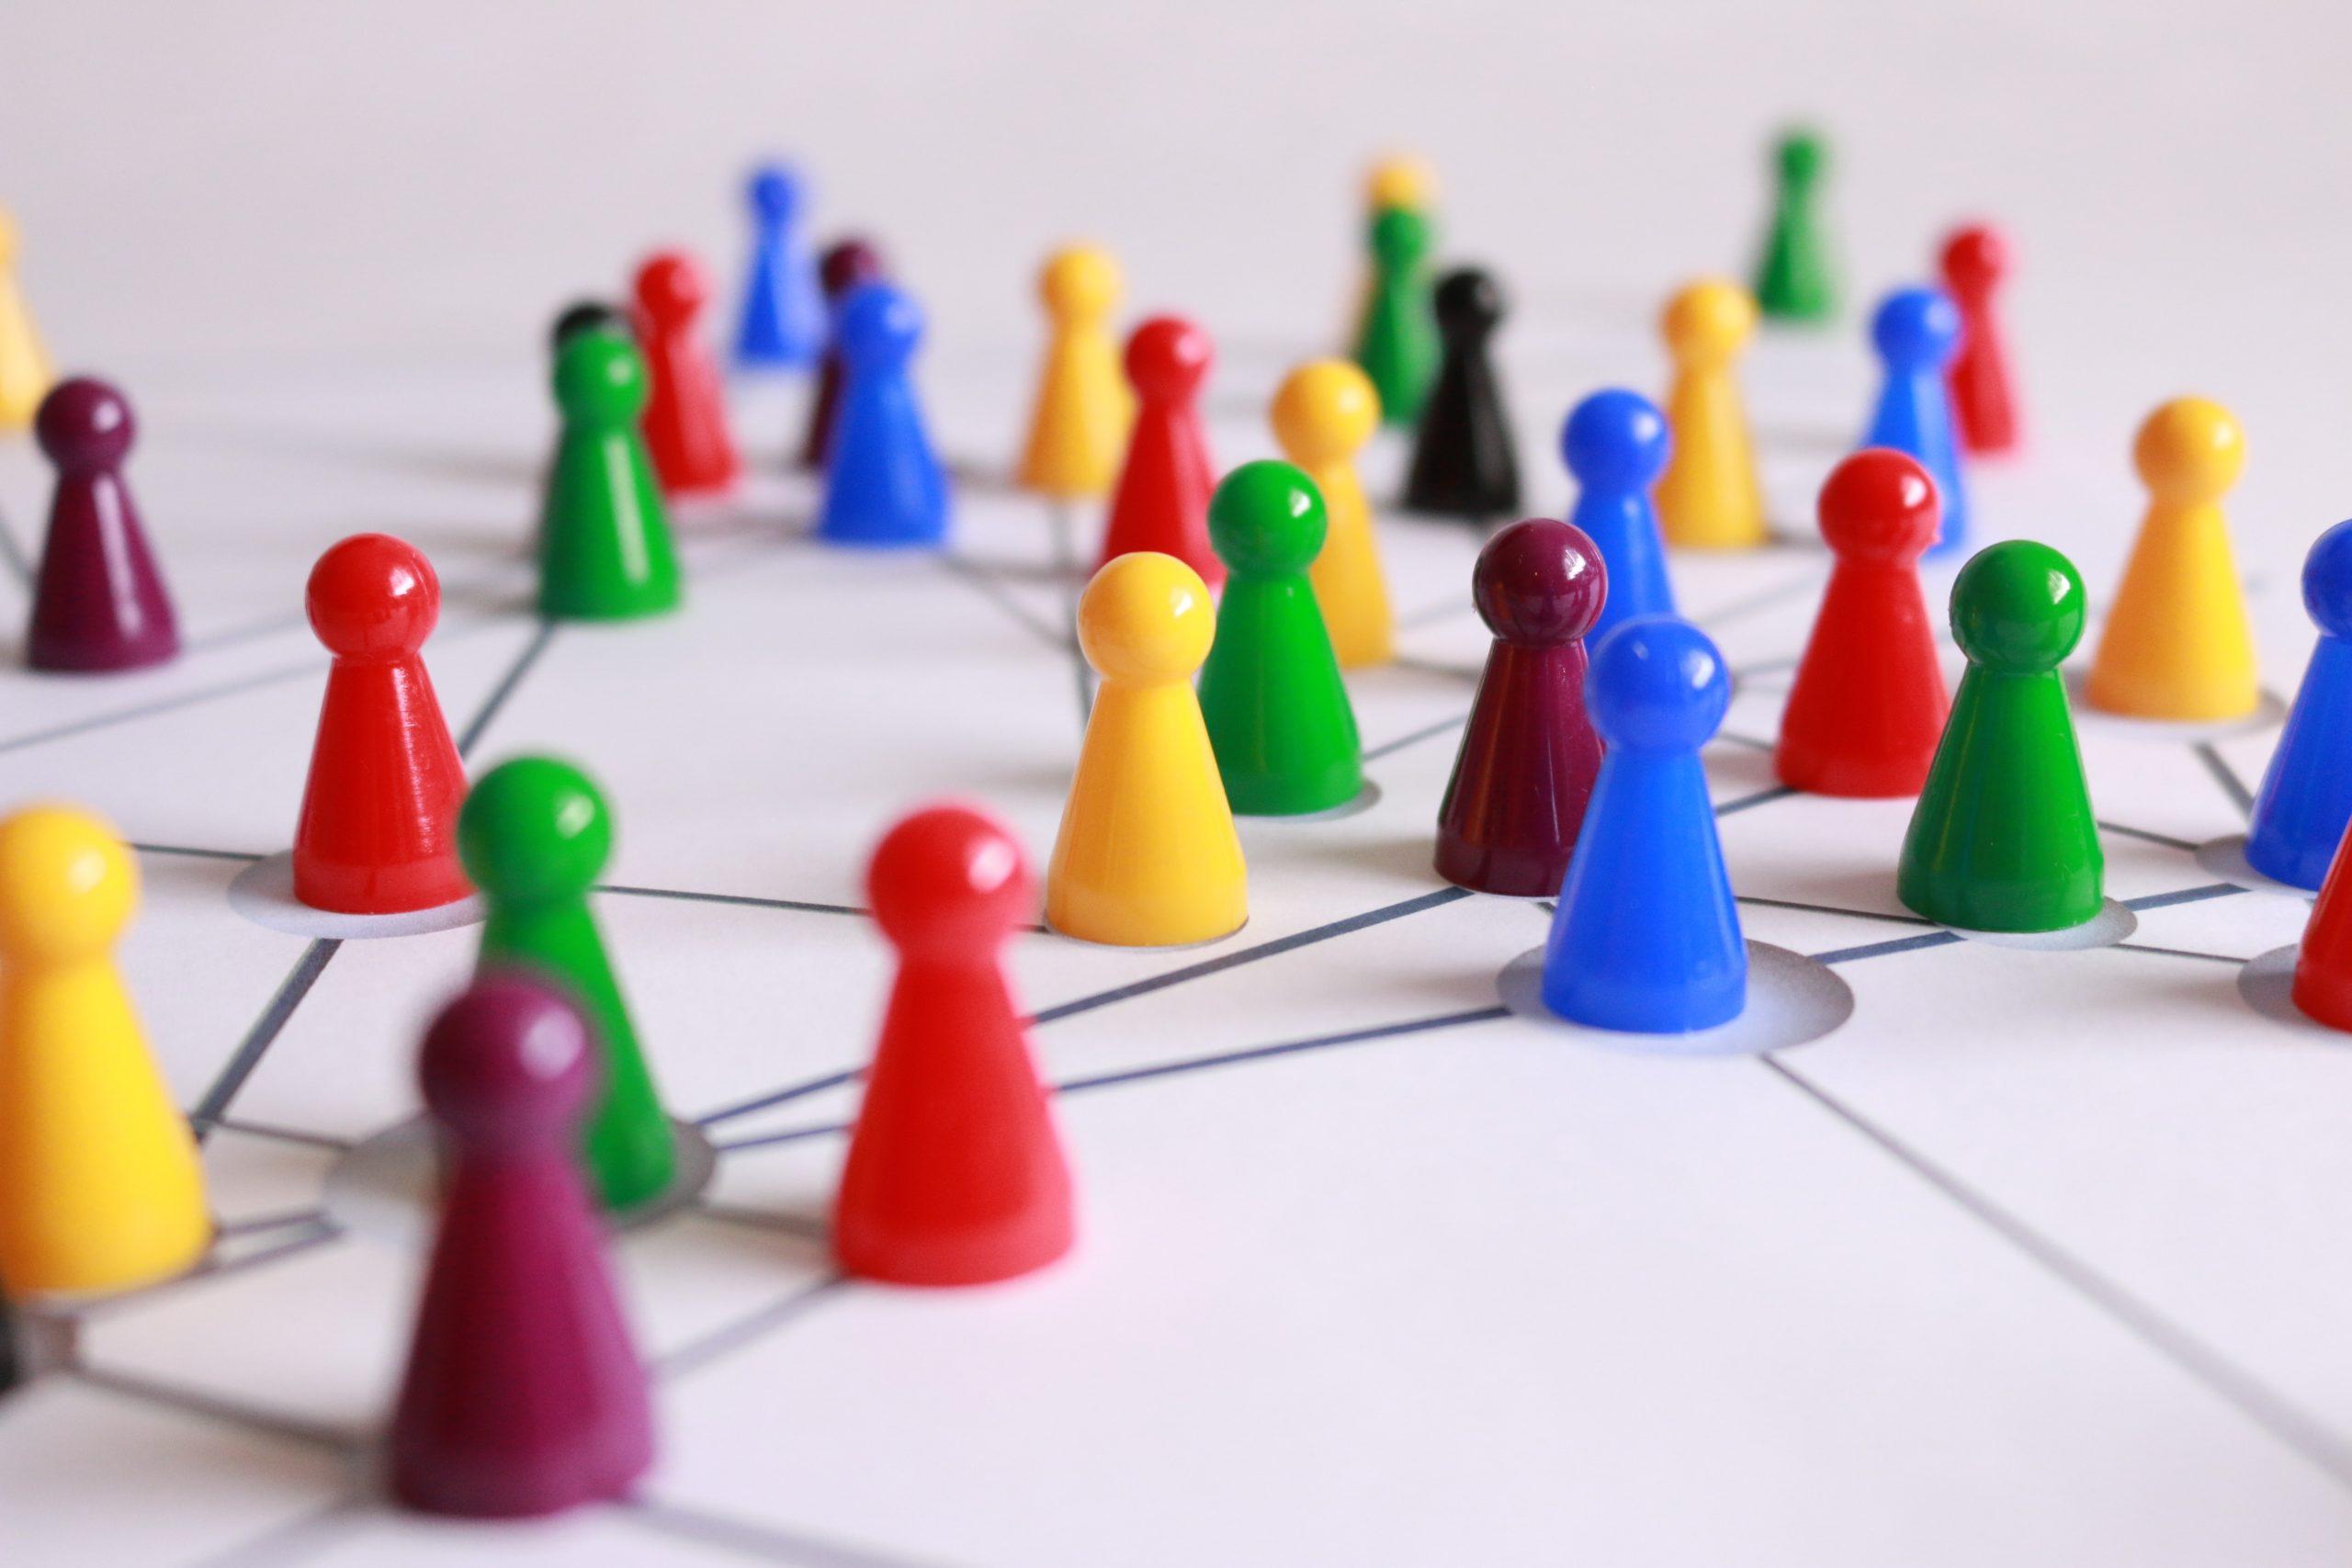 Foto de vários pinos coloridos de jogos de tabuleiro, em cima de o que se assemelha com um tabuleiro.